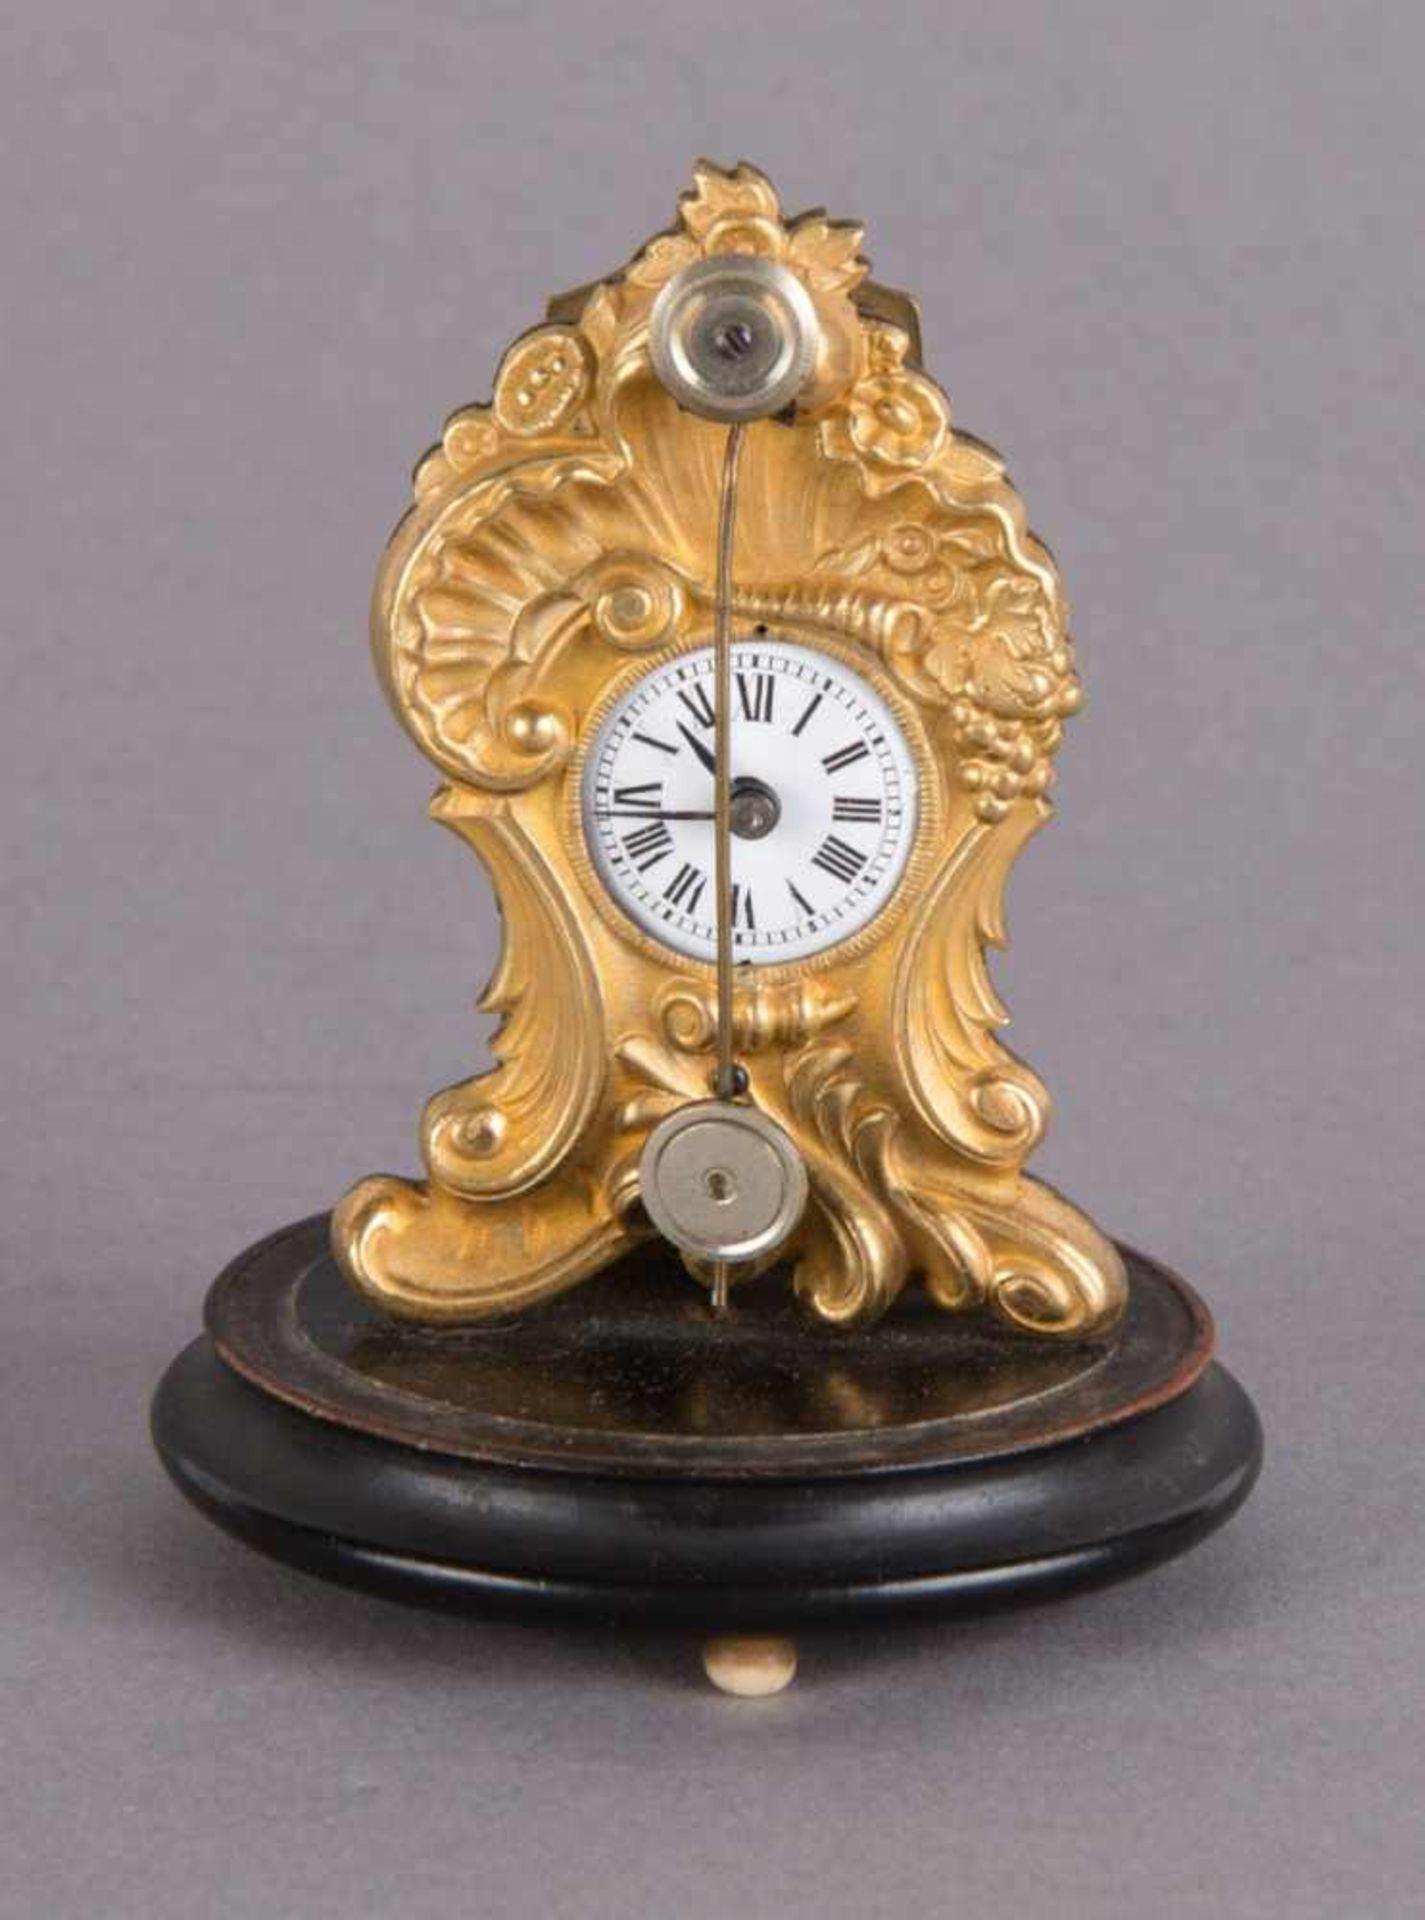 Los 64 - Zappler with Glas CubeFidget Clock around 1835 H 6.5 x W 4 x D 1.5 cm Fire-gilded brass case,